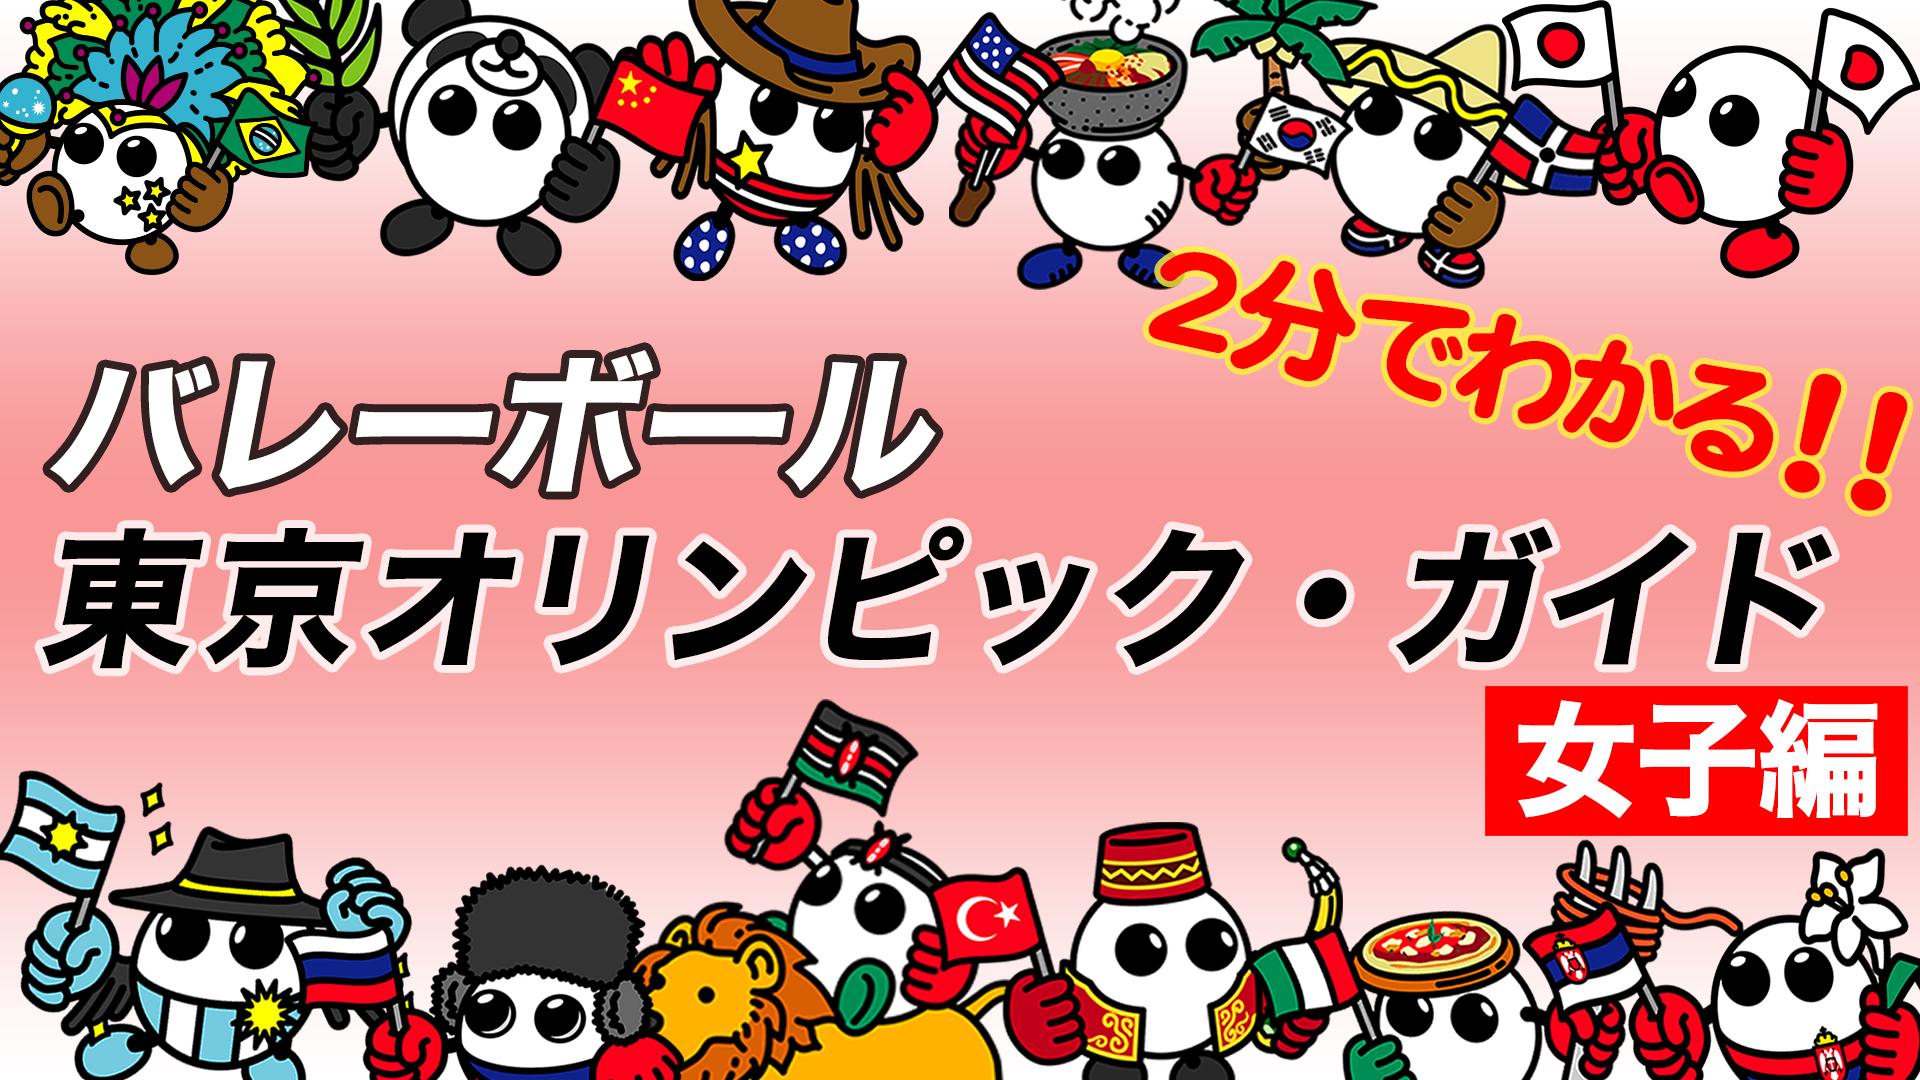 女子バレーボールの注目の世界のエース紹介!<東京チャレンジ2021 日本×中国 5月2日(日)@有明アリーナ>